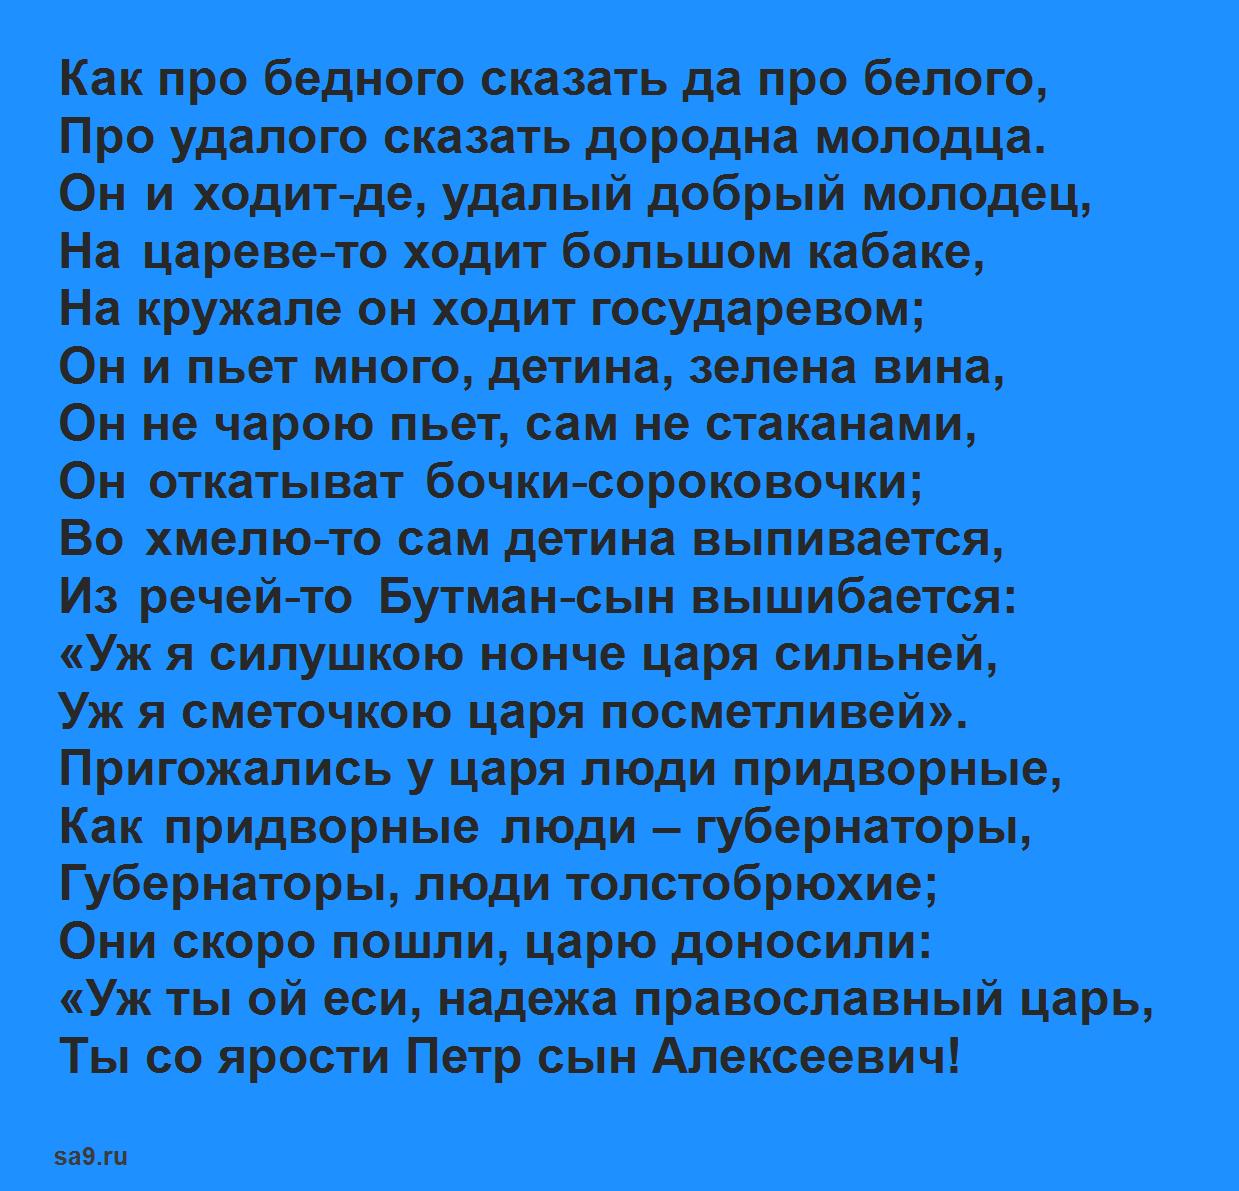 Былина - Бутман Колыбанович